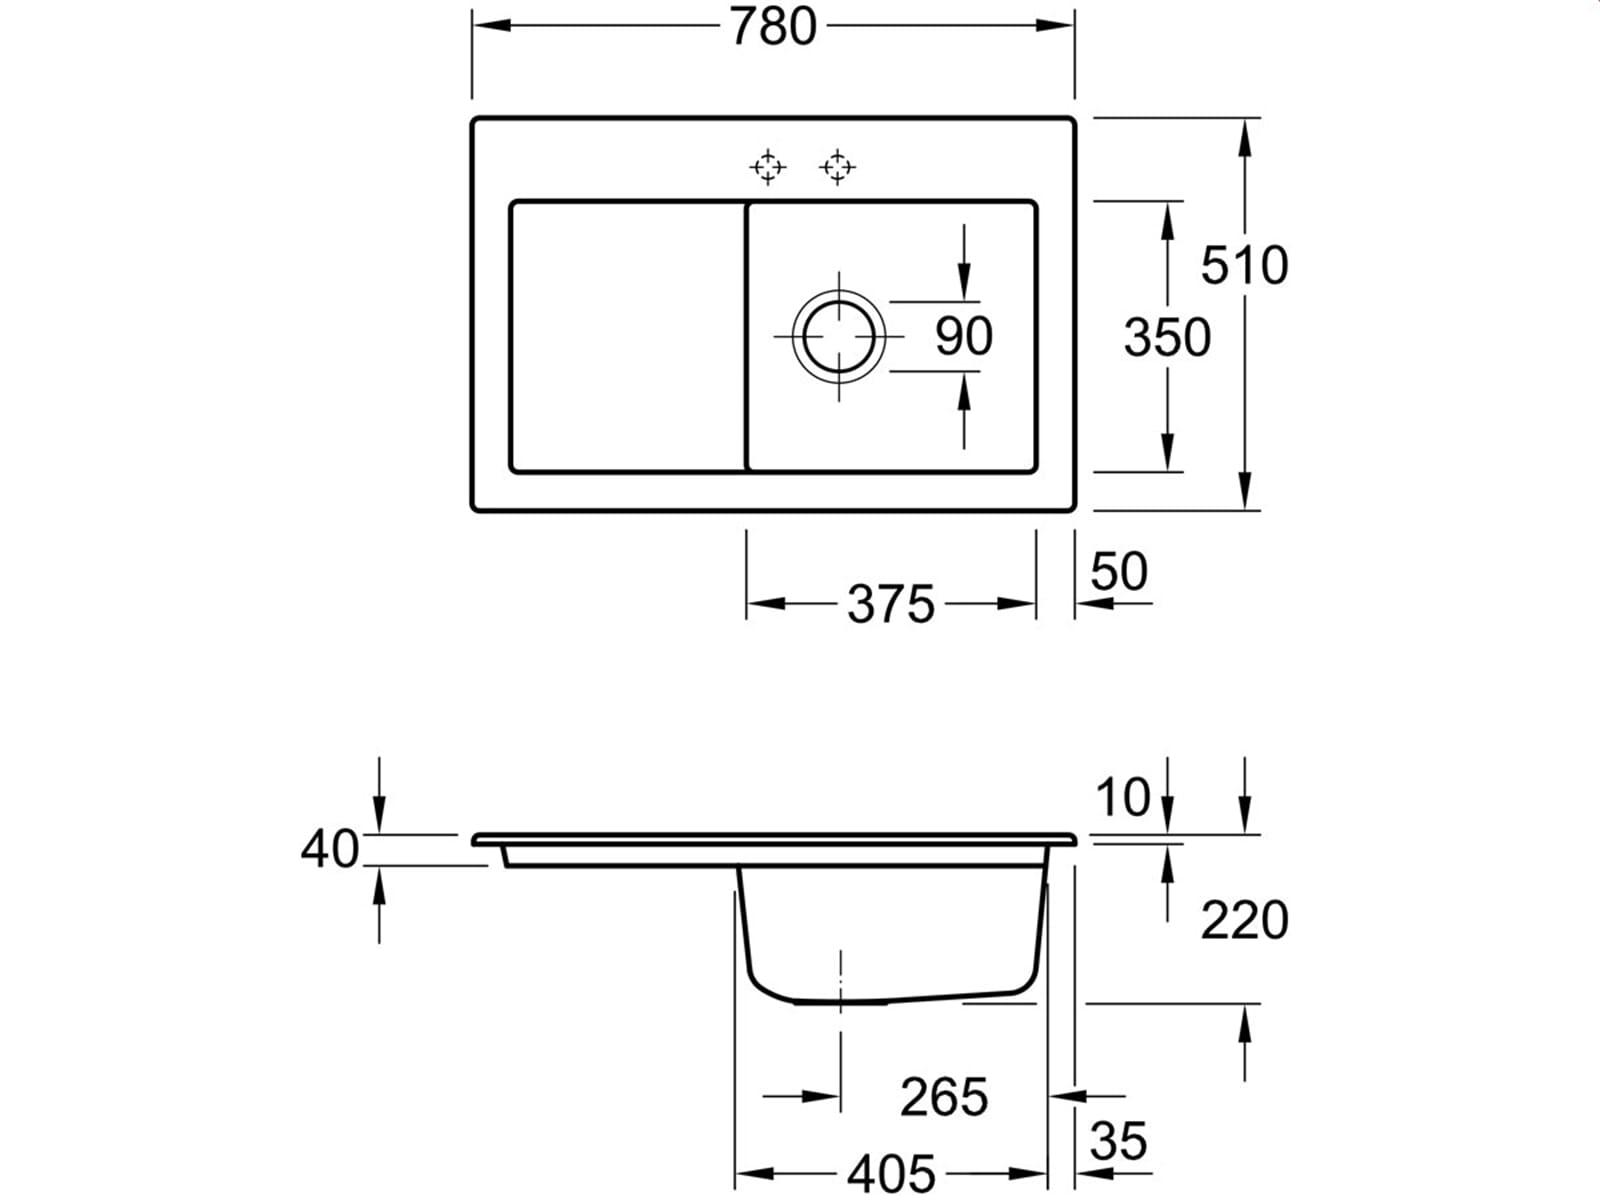 Villeroy & Boch Subway 45 Crema - 6714 01 KR Keramikspüle Handbetätigung